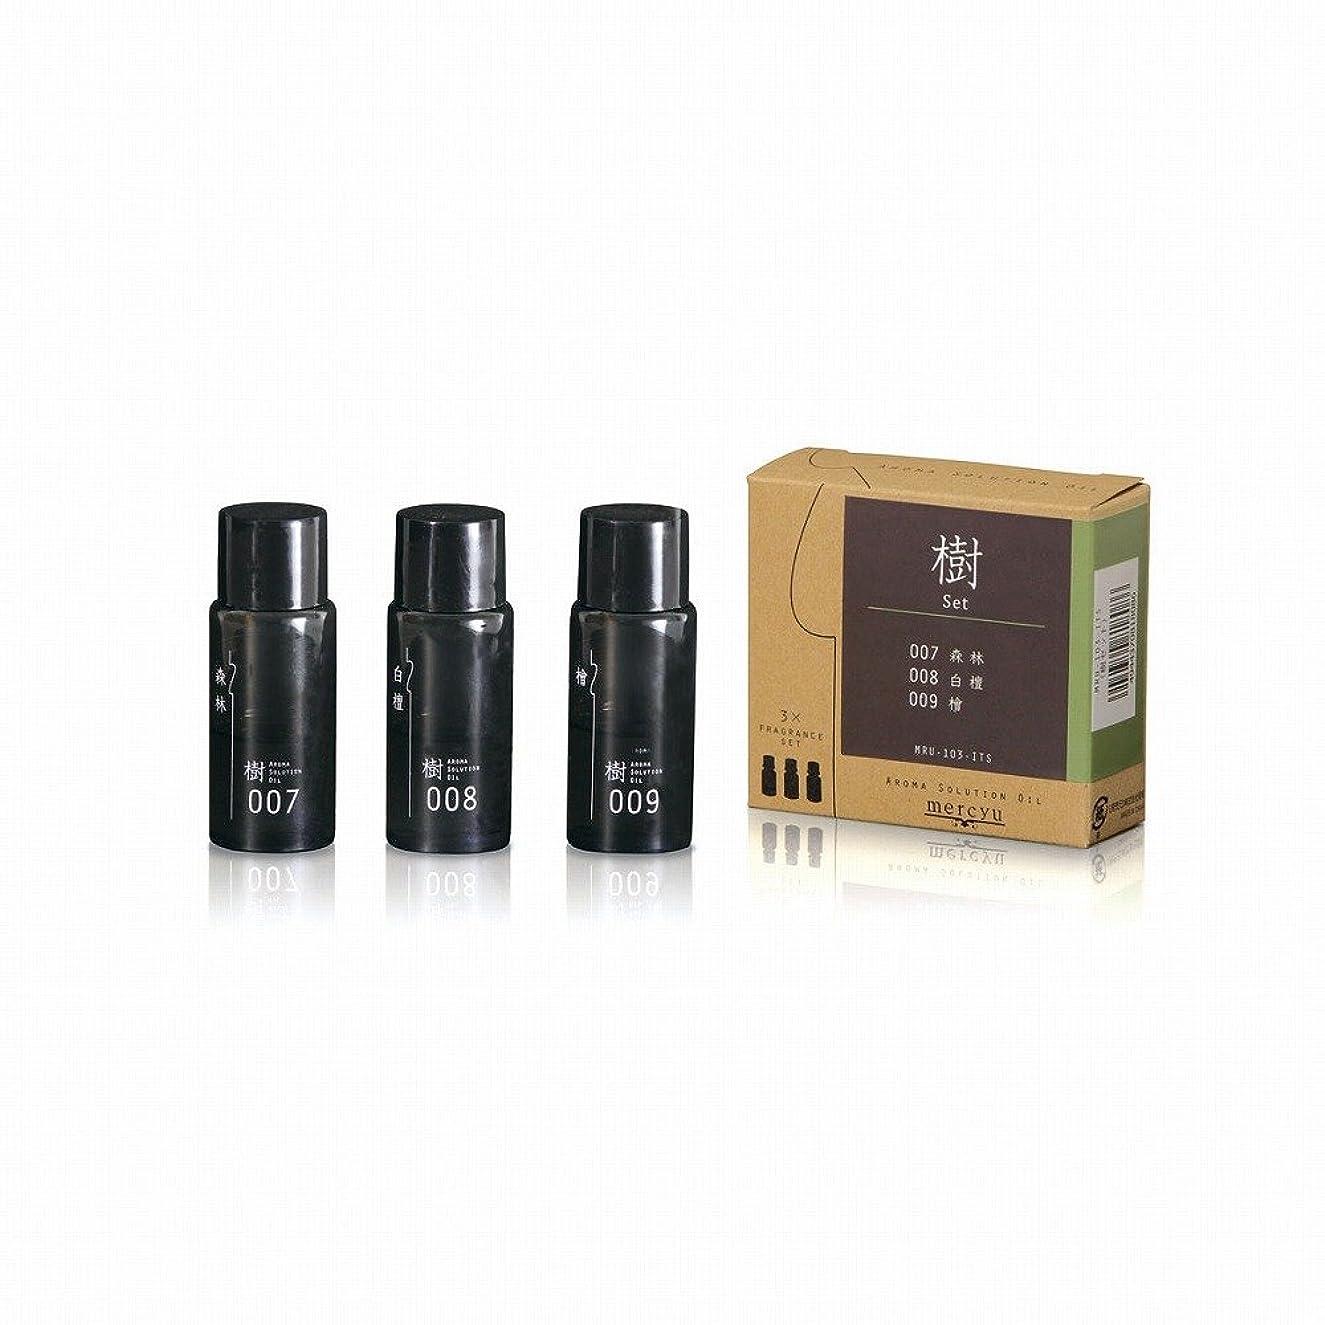 嫉妬しばしば裁量mercyu(メルシーユー) アロマソリューションオイル 和の香り MRU-103 (樹)